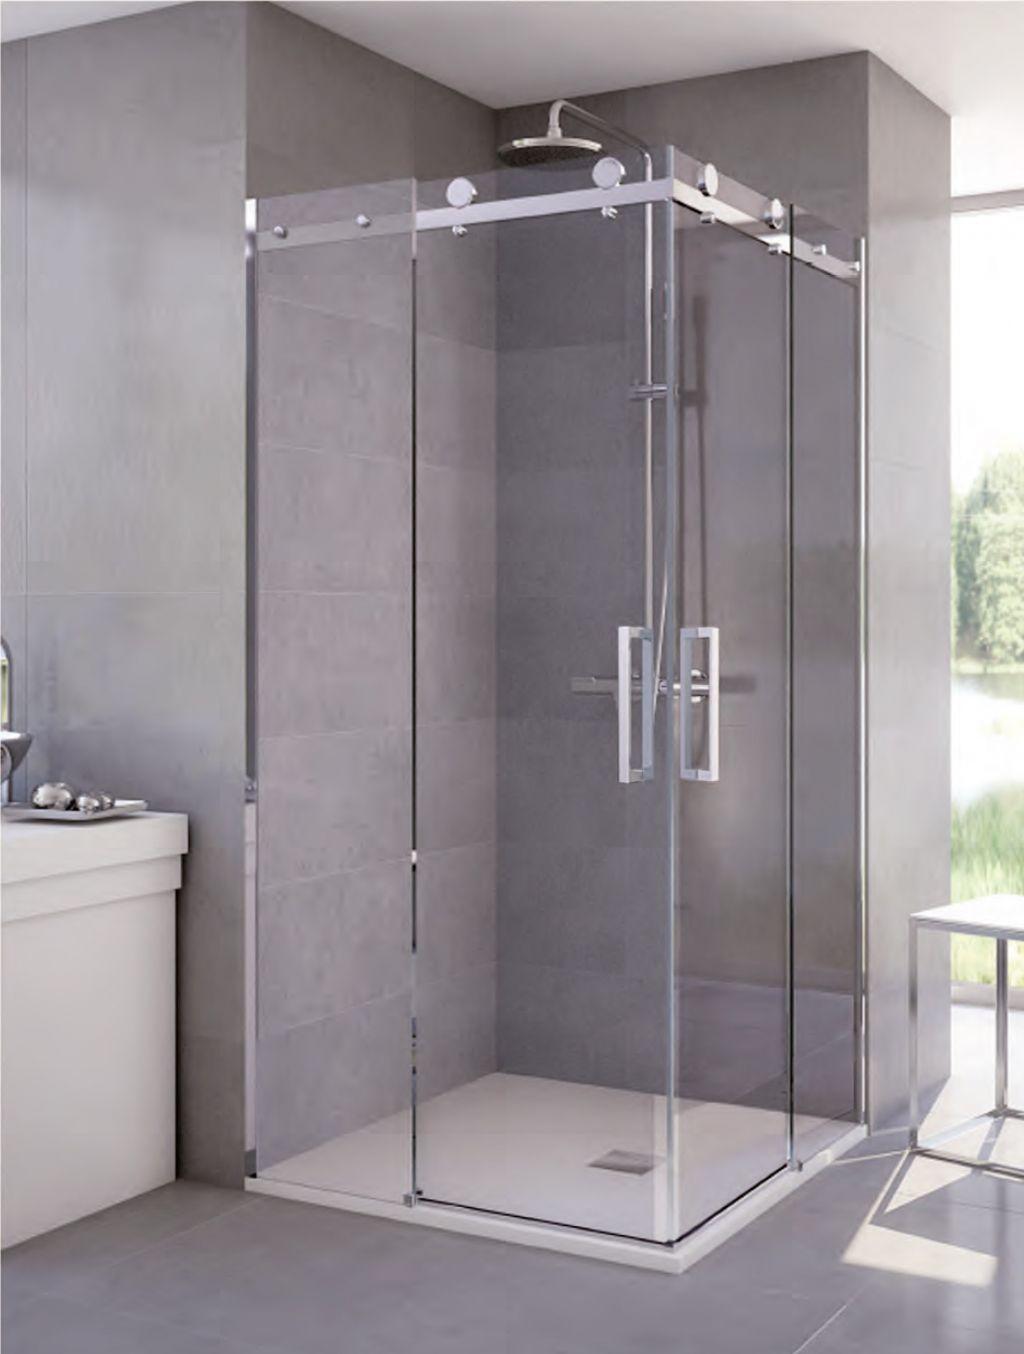 Mamparas de ducha la cristaler a de madrid - Mampara ducha madrid ...